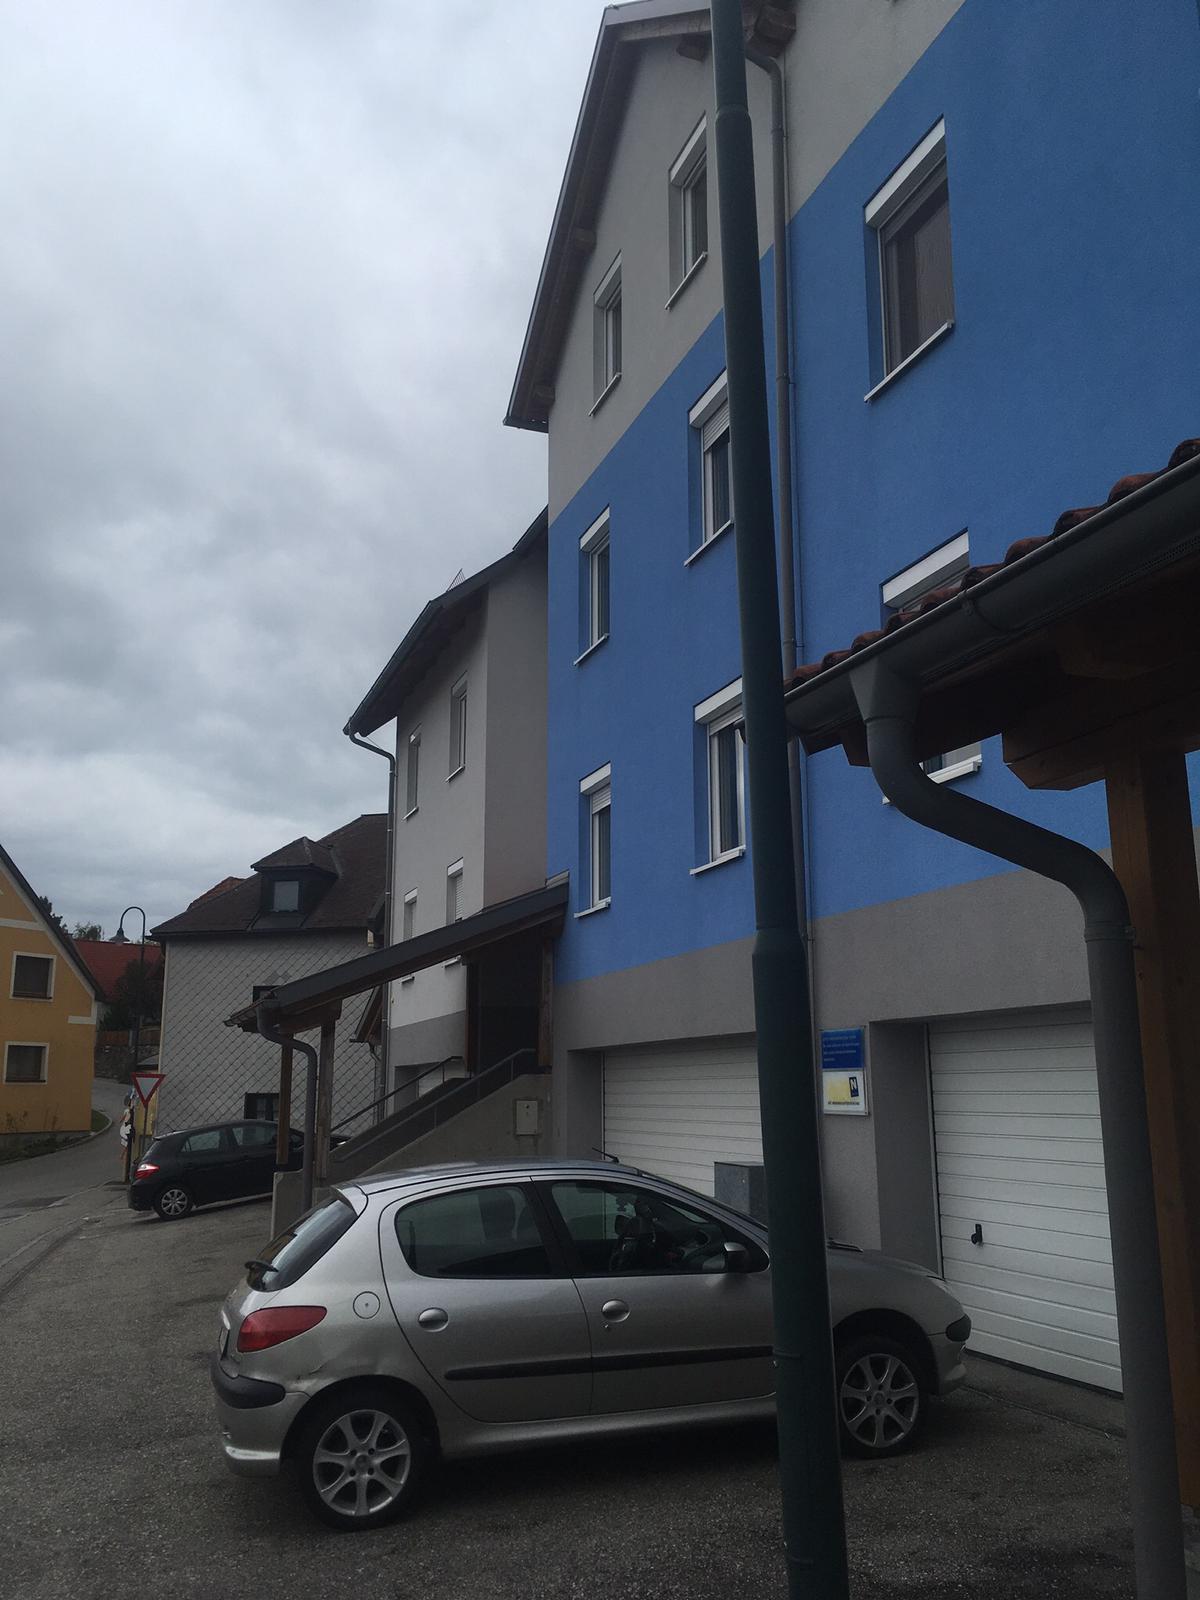 Immobilie von Kamptal in 3613 Albrechtsberg an der Großen Krems, Krems(Land), Albrechtsberg I/1 - Top 202 #1